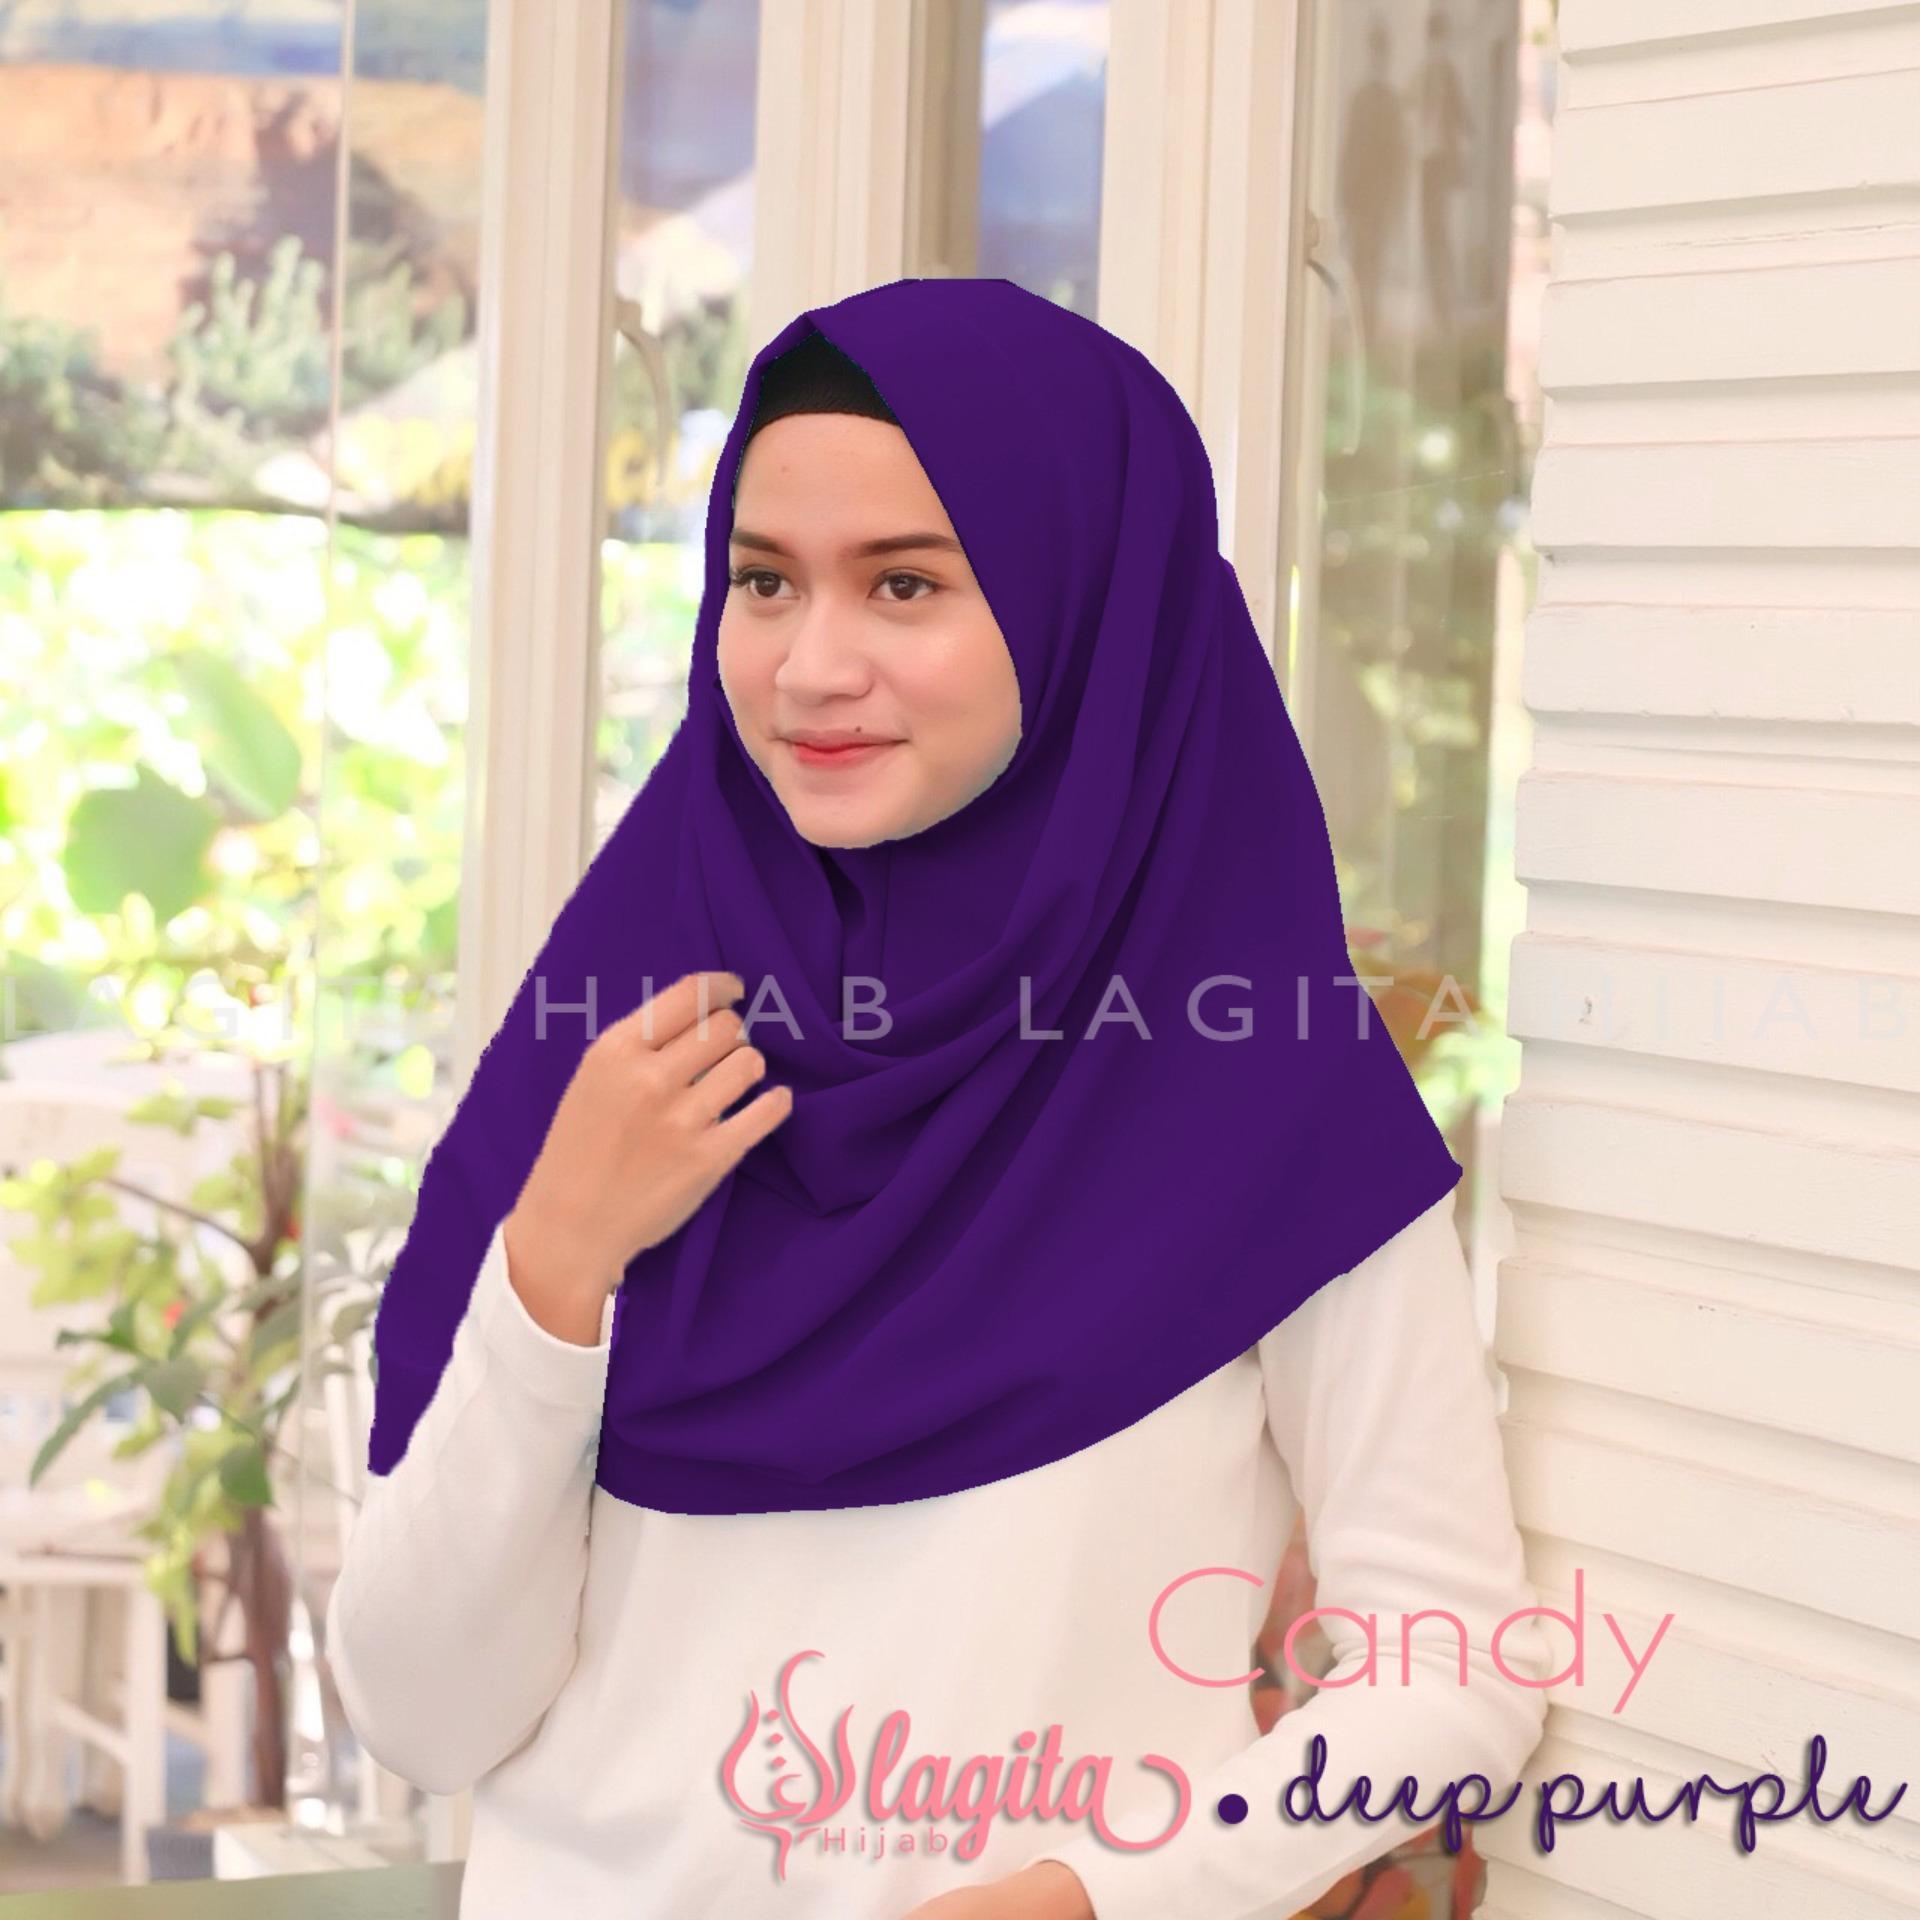 Jual Baju Original Candy Murah Garansi Dan Berkualitas Id Store Meteran Tubuh Gulung Putar Mini Tarik Colour 150 Cm Rp 35000